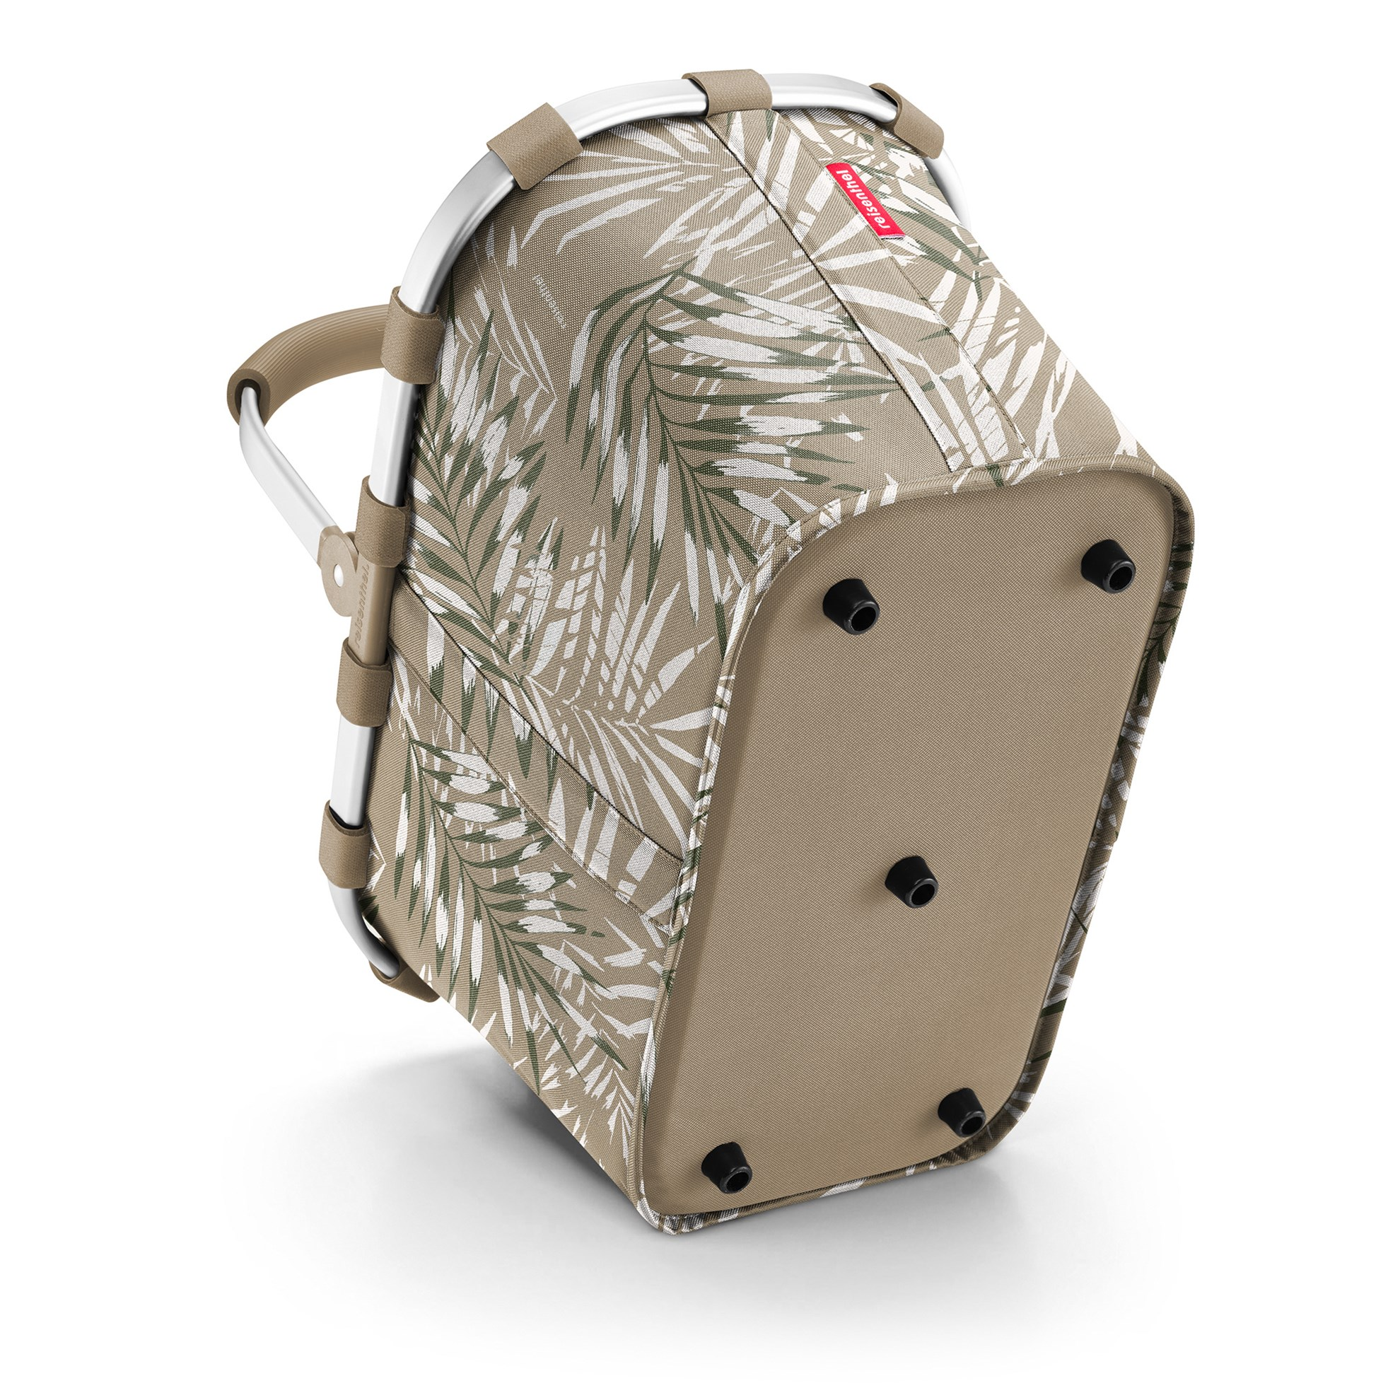 Nákupní košík Carrybag jungle sand_2